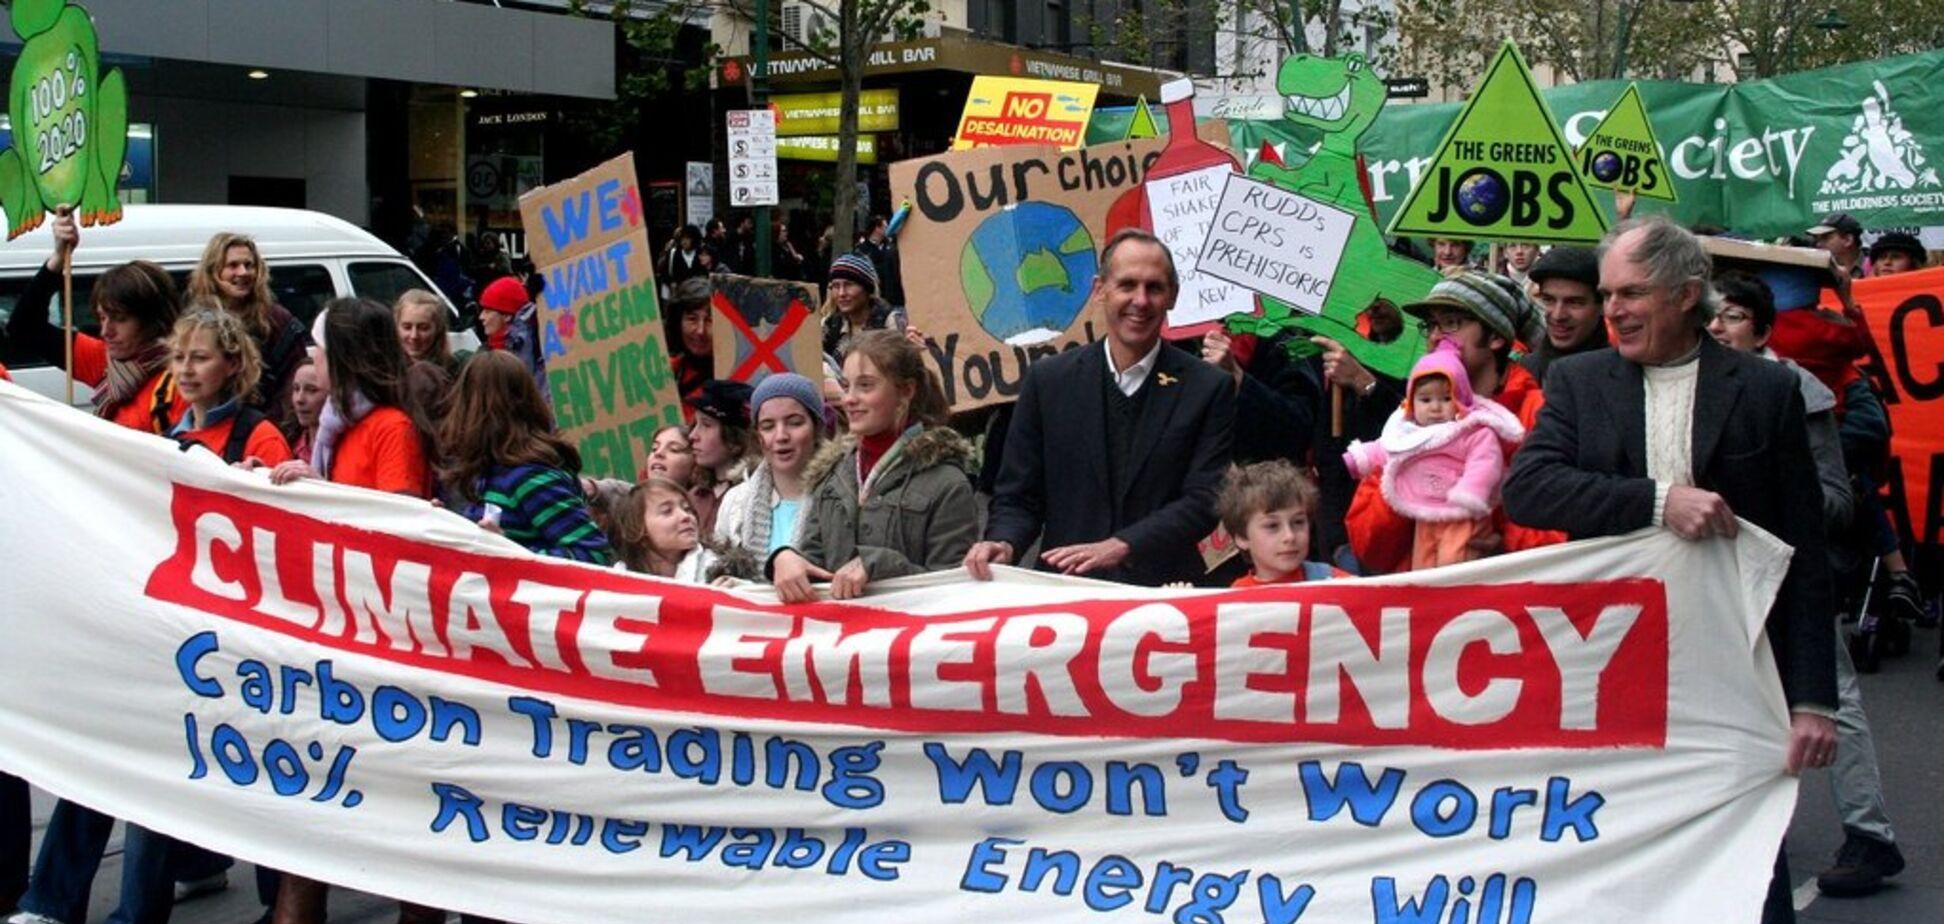 Деградация и загрязнения: Европе предсказали социальные бедствия из-за ископаемой энергии